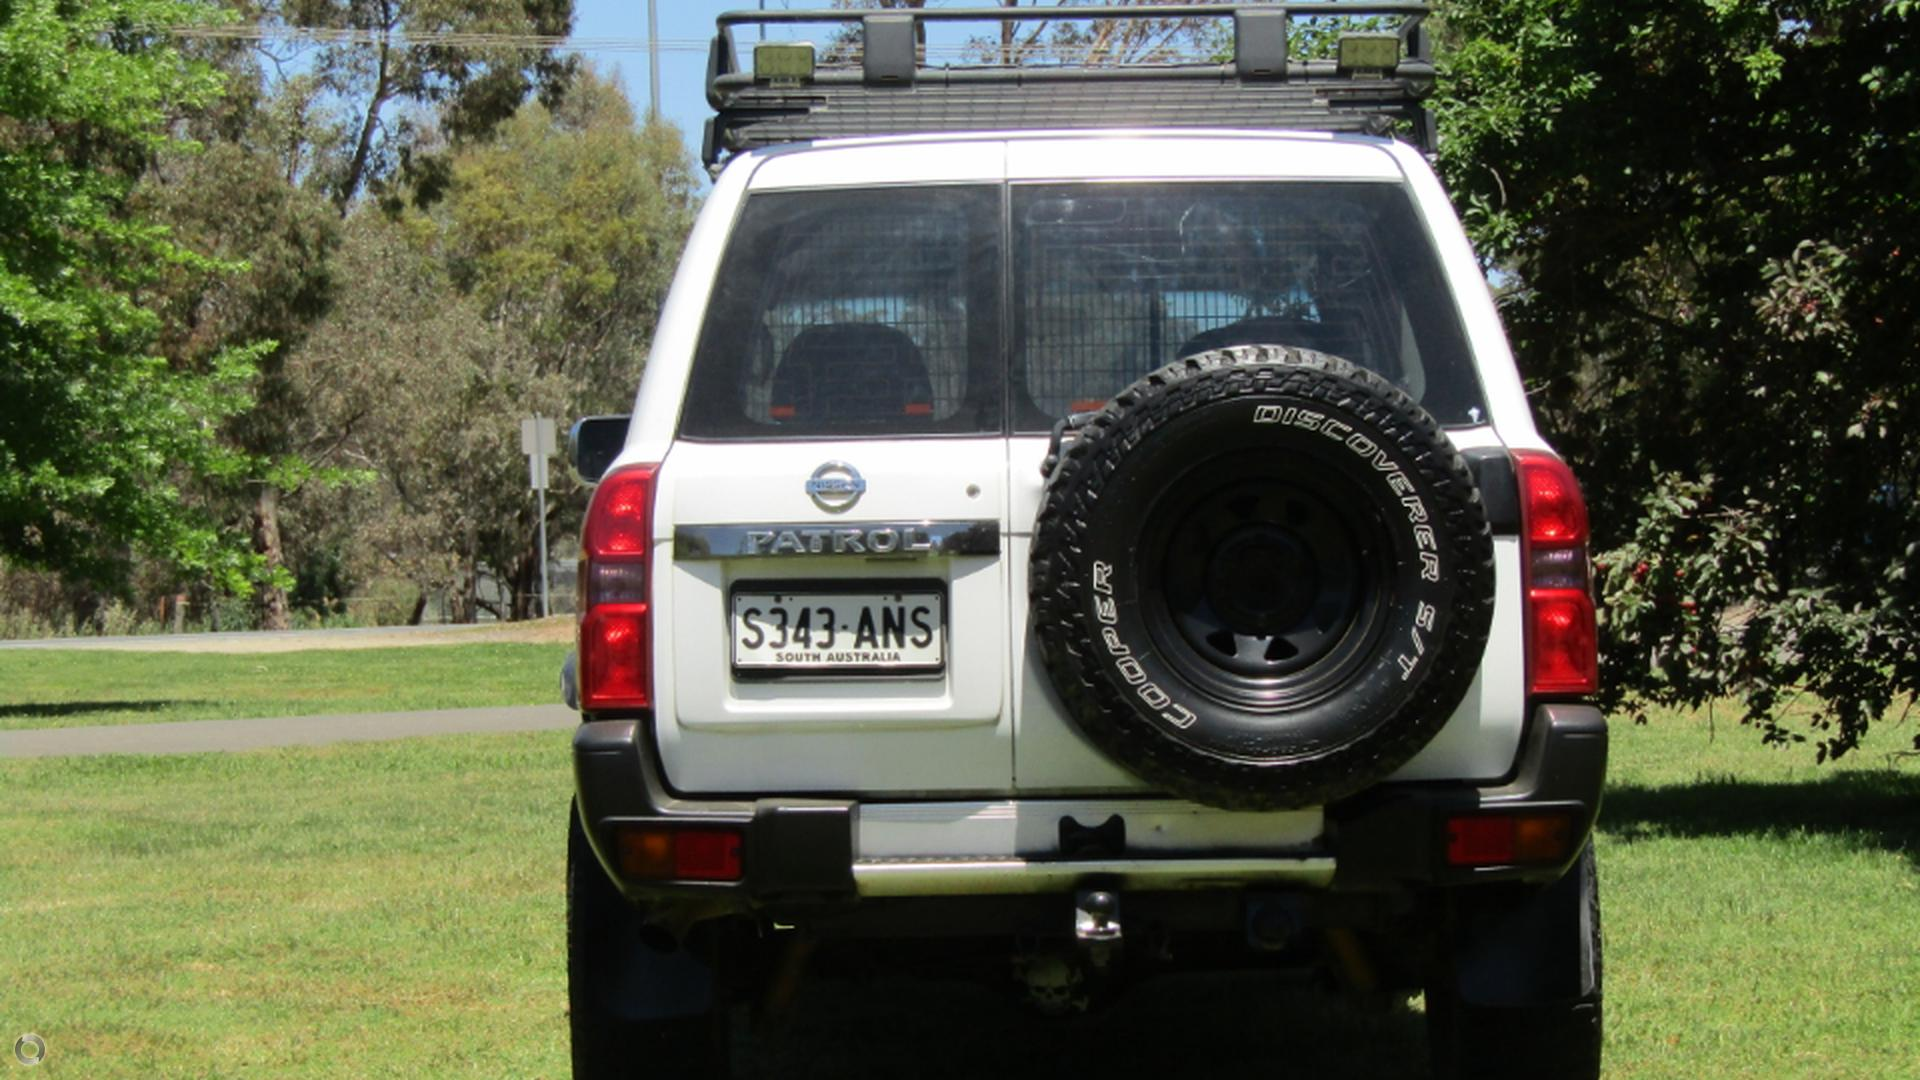 2009 Nissan Patrol DX GU 6